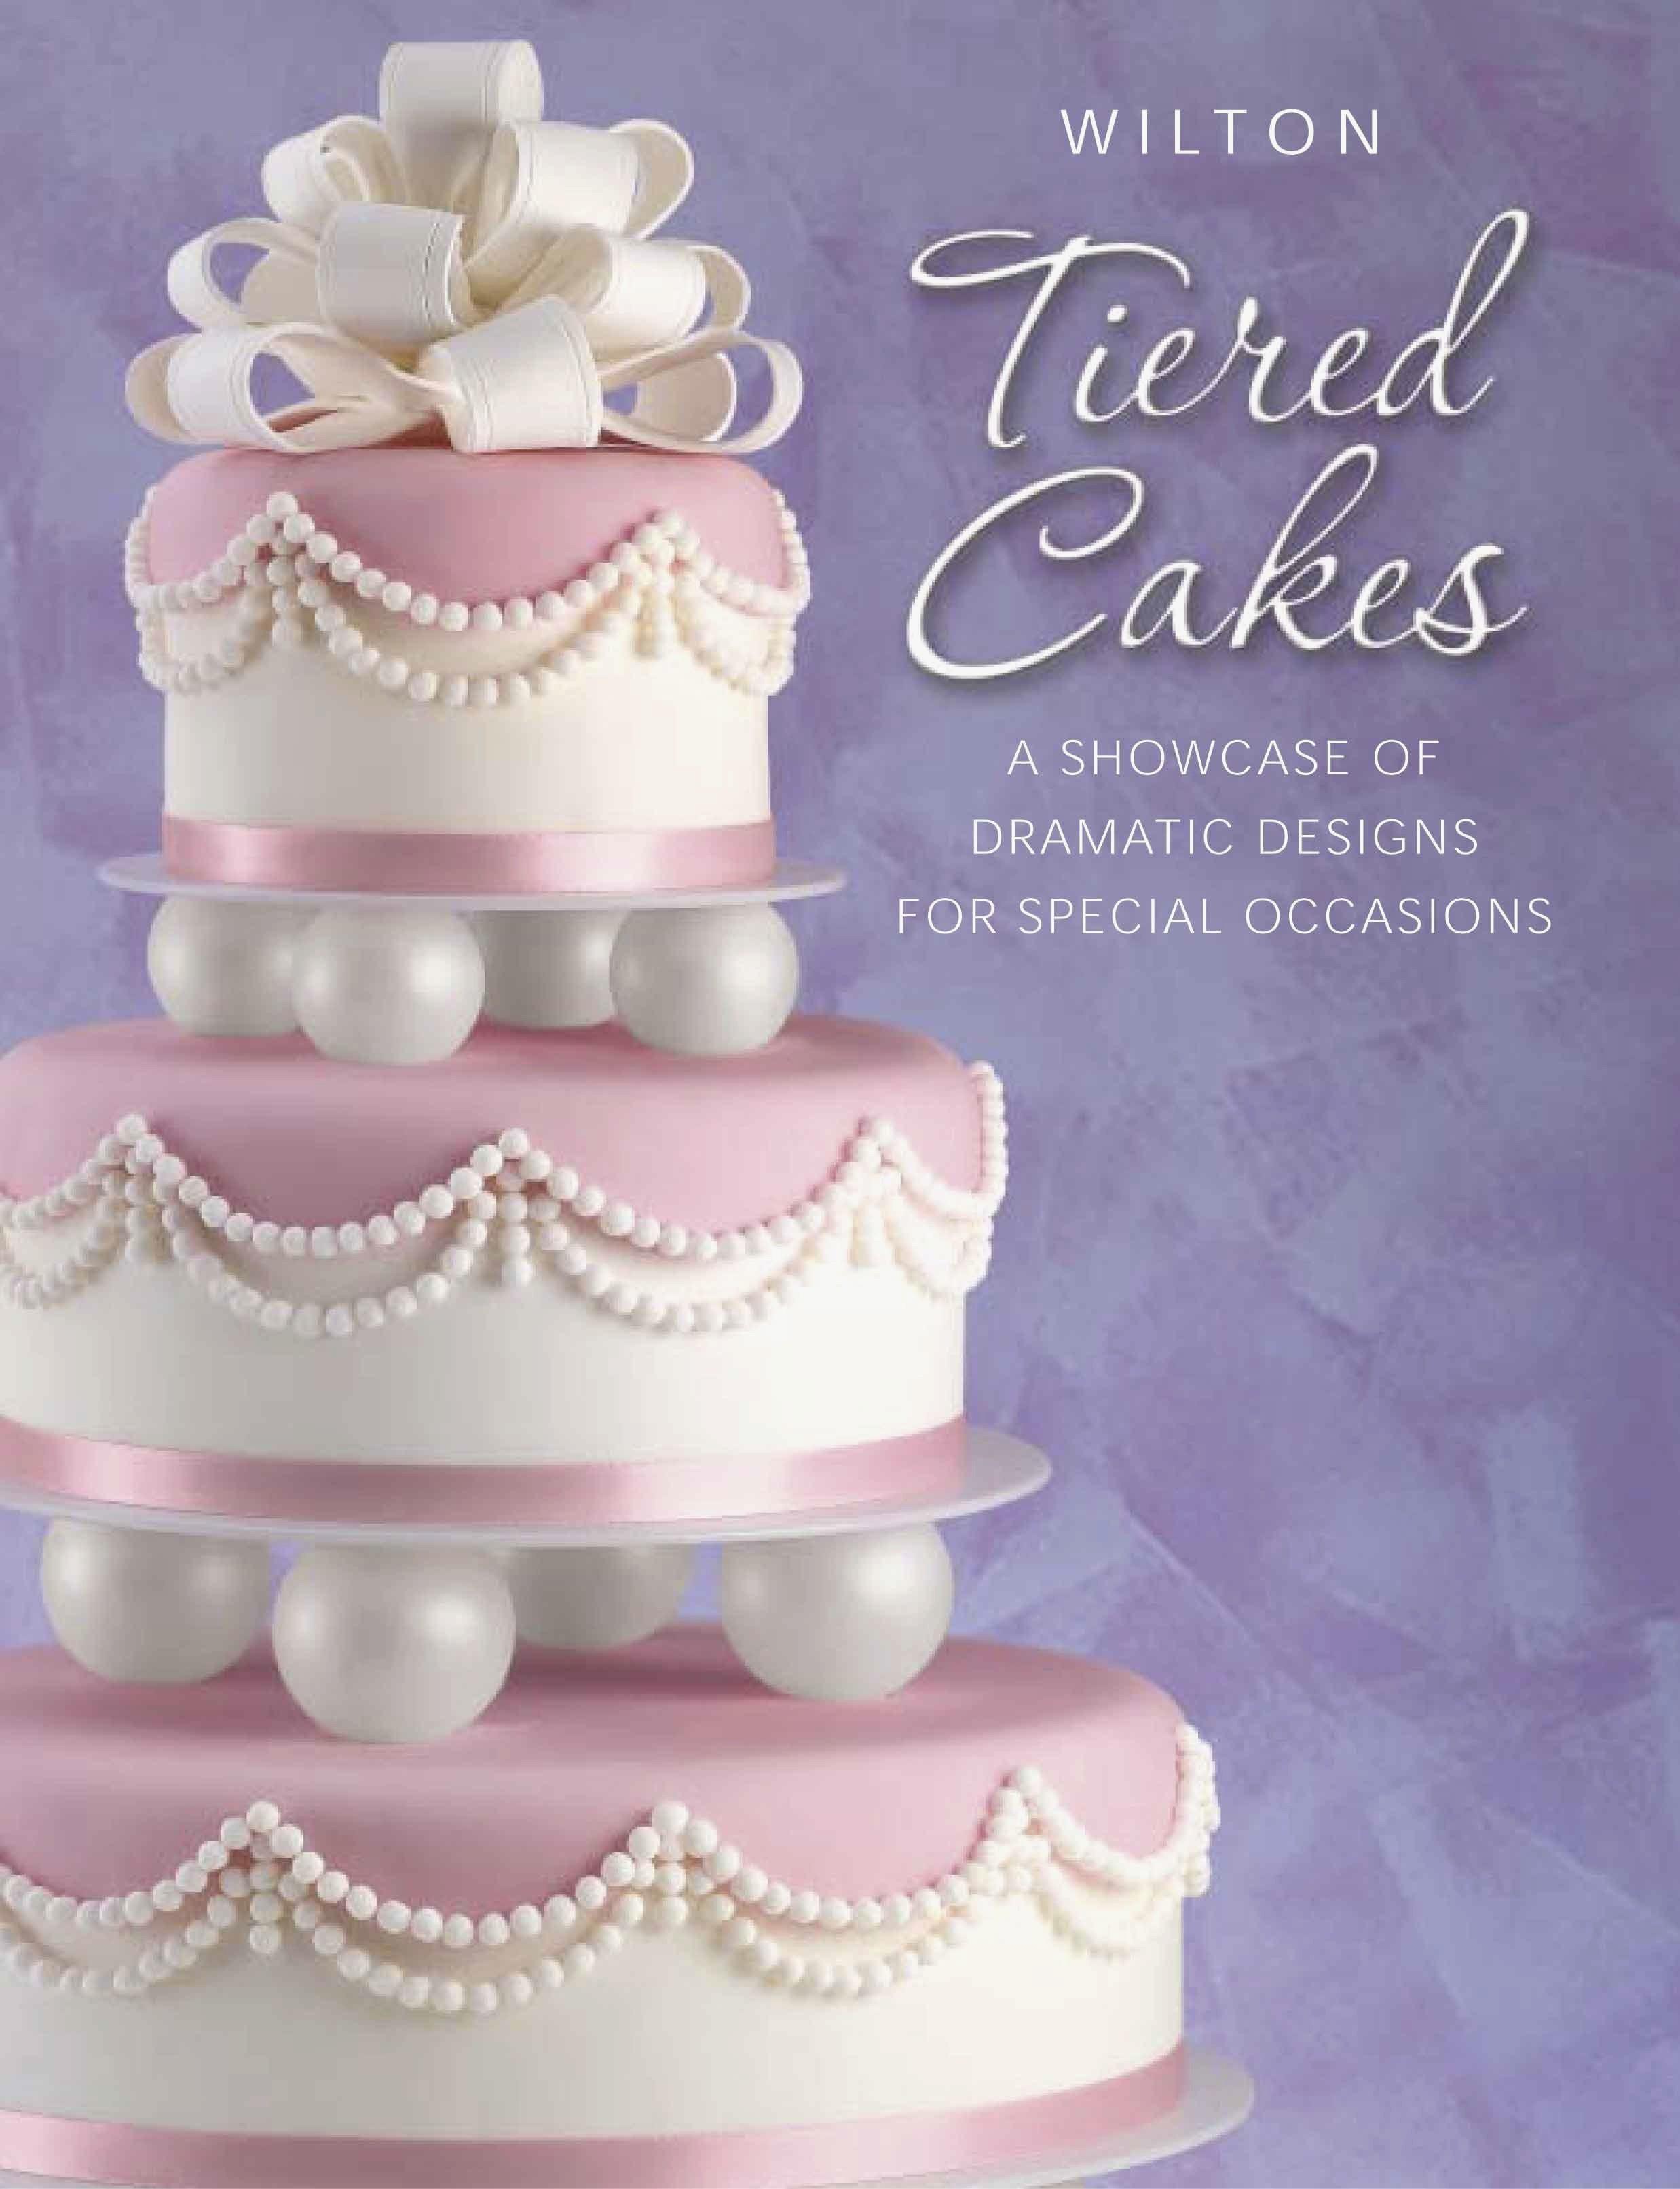 Wedding Cakes Catalogue  Free Wedding Cake Catalogs